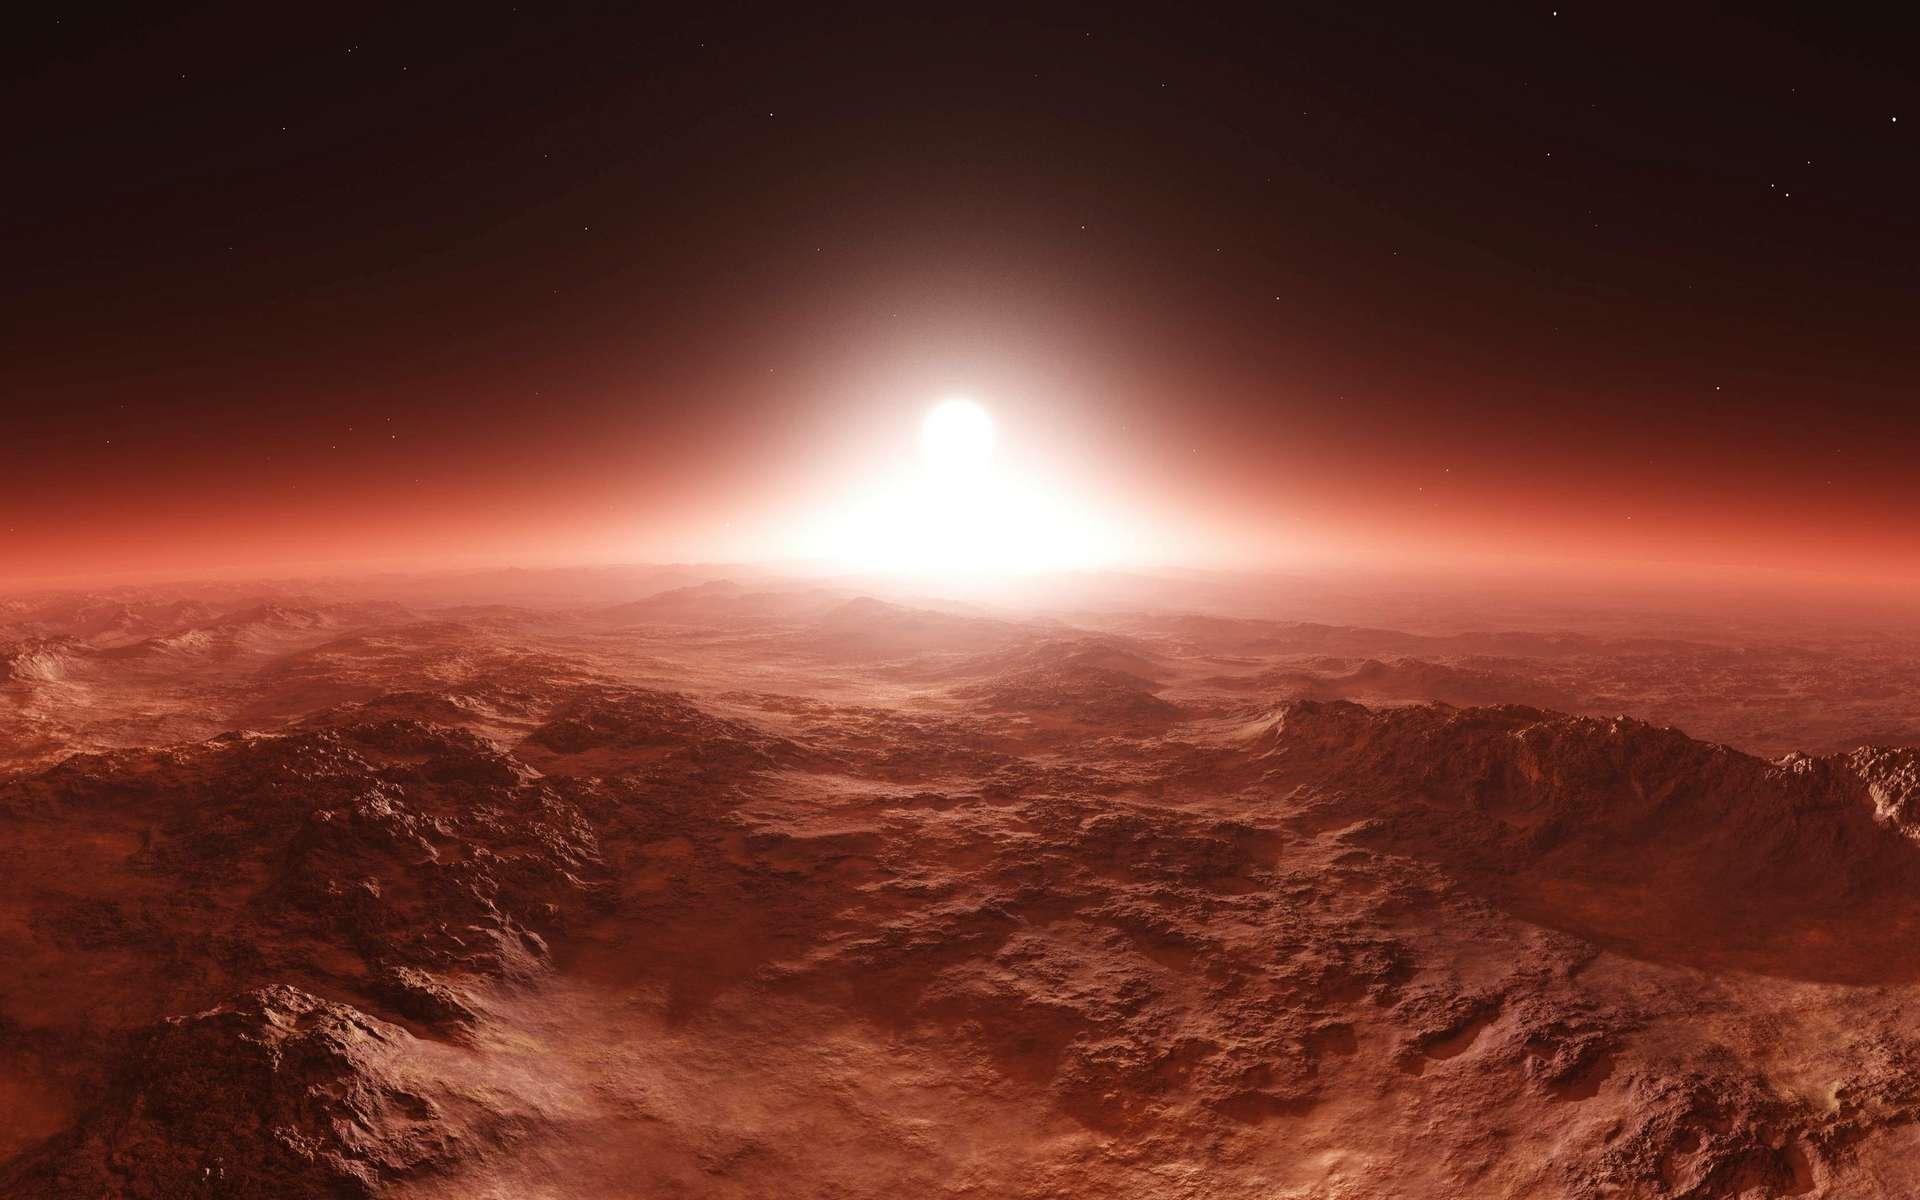 Illustration. Lever de Soleil au-dessus de Mars. © ustas, Adobe Stock